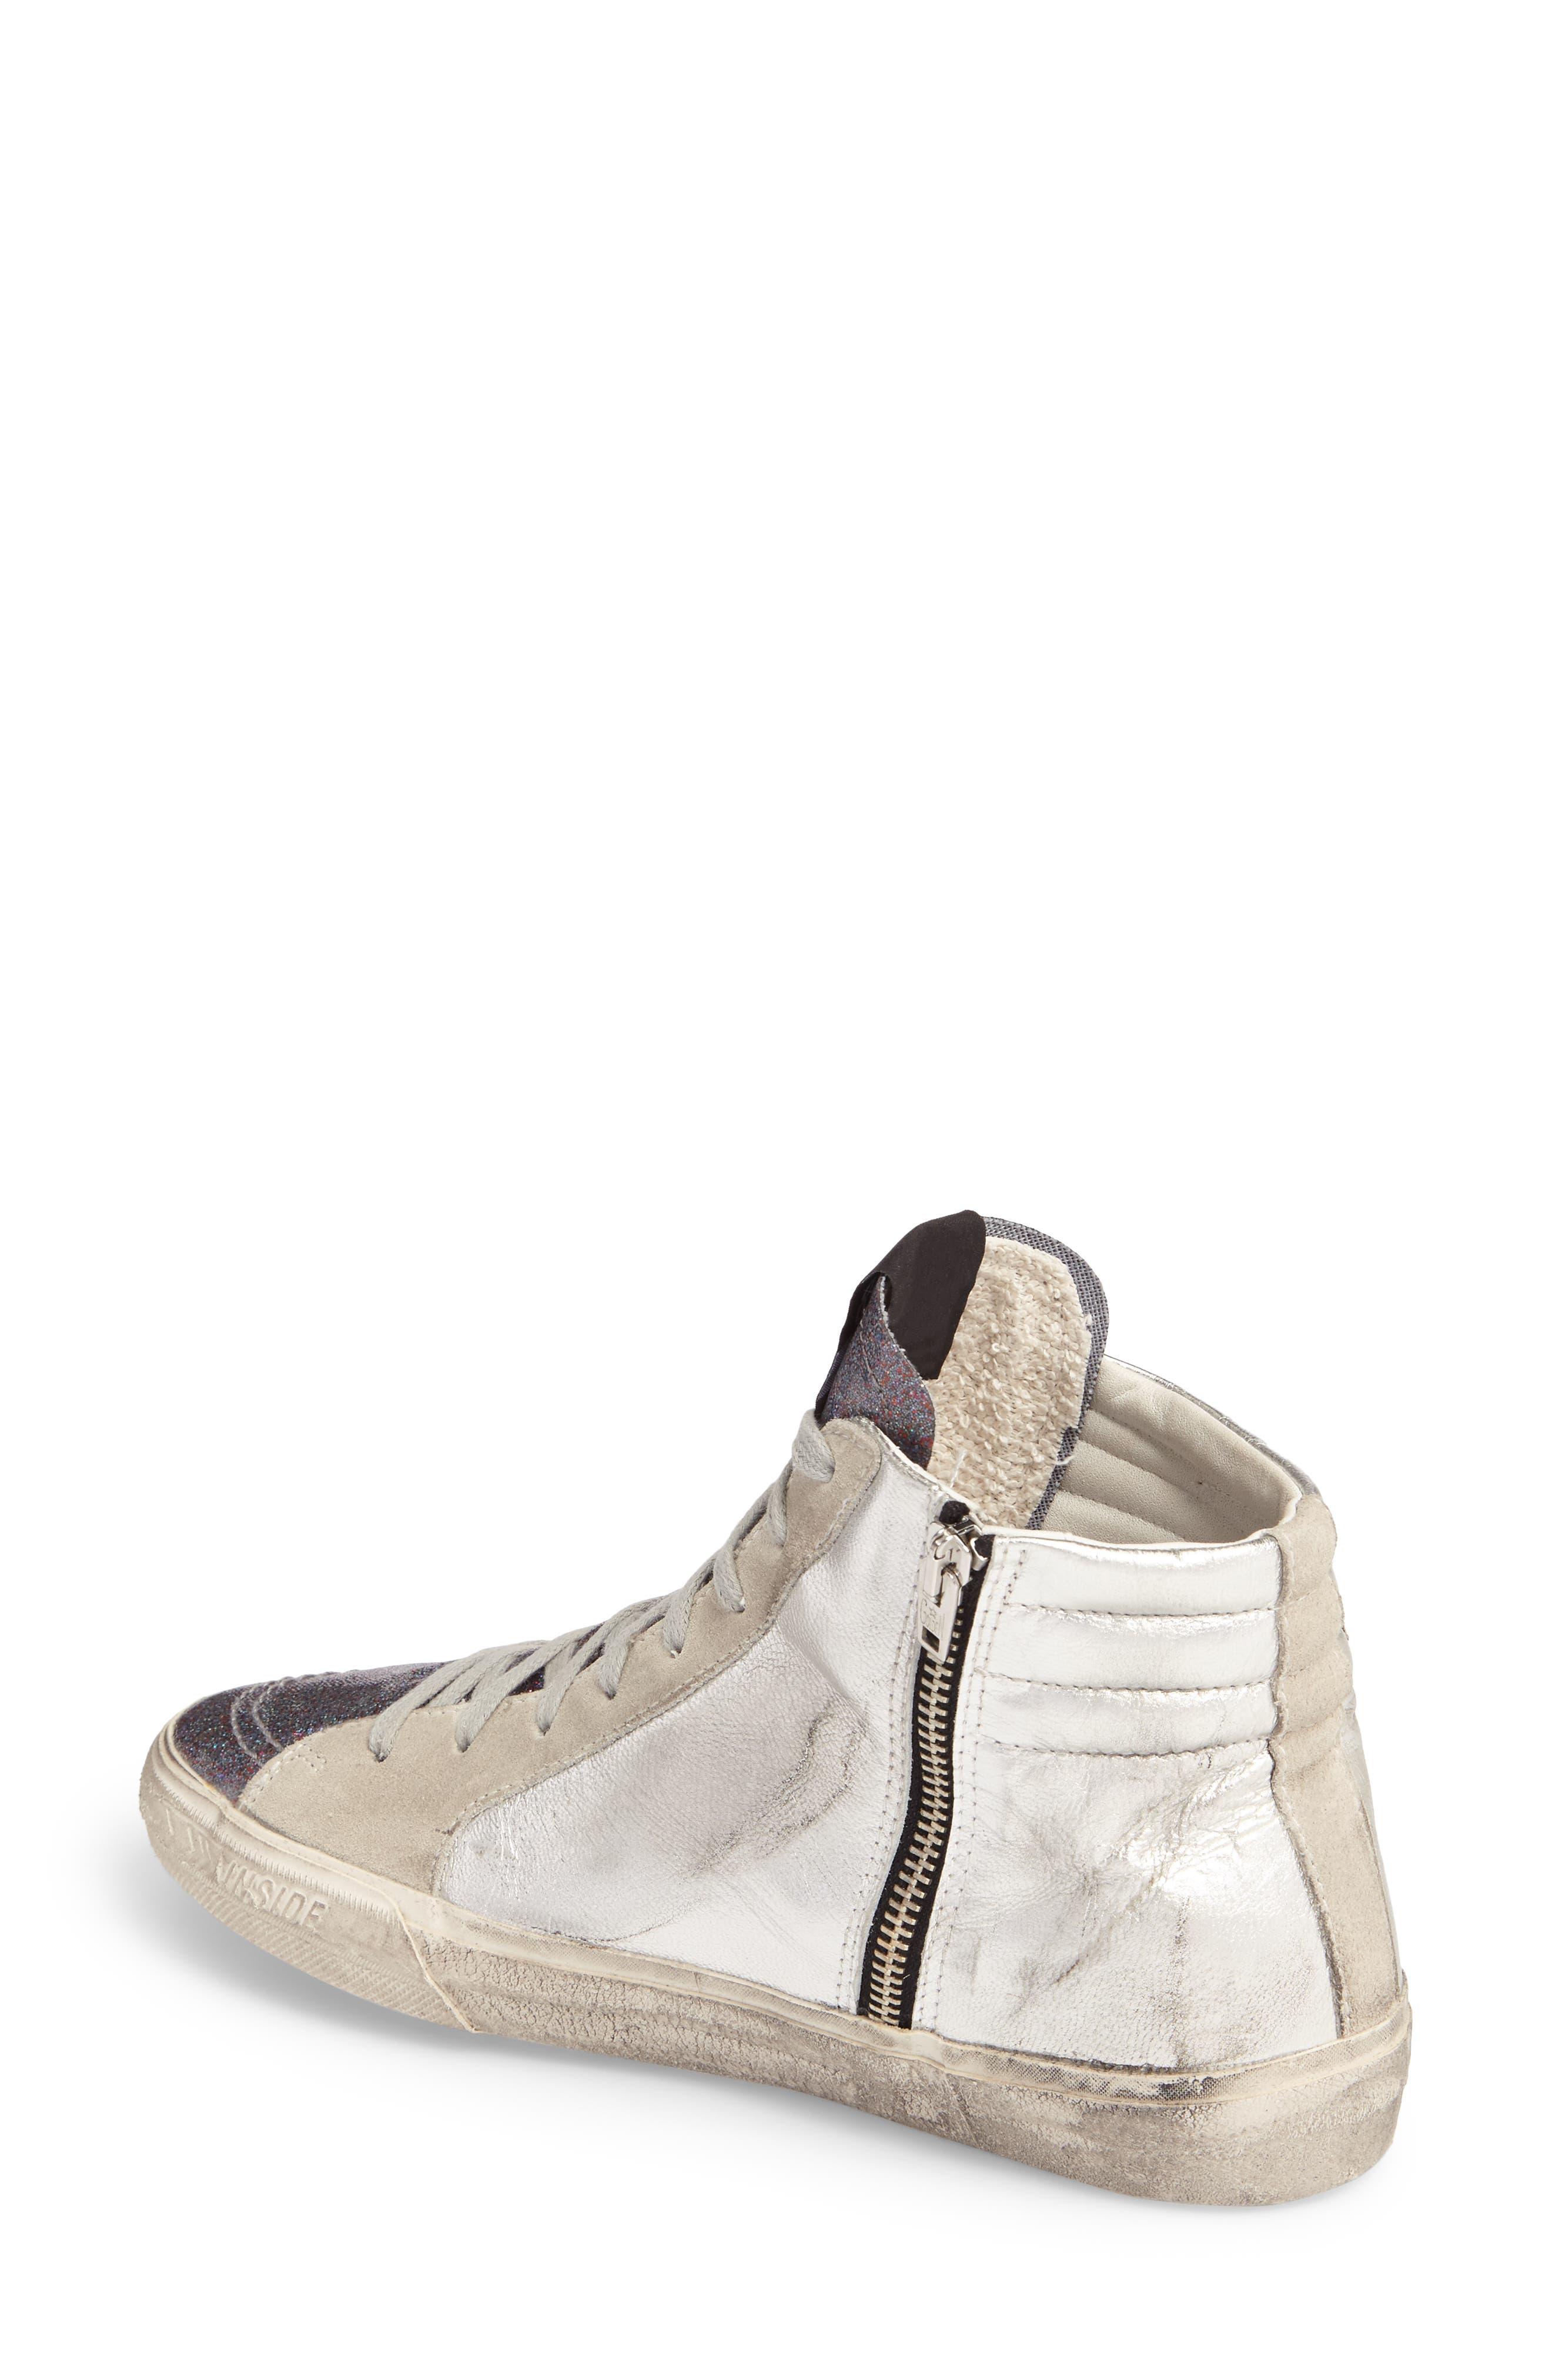 Slide High Top Sneaker,                             Alternate thumbnail 2, color,                             040